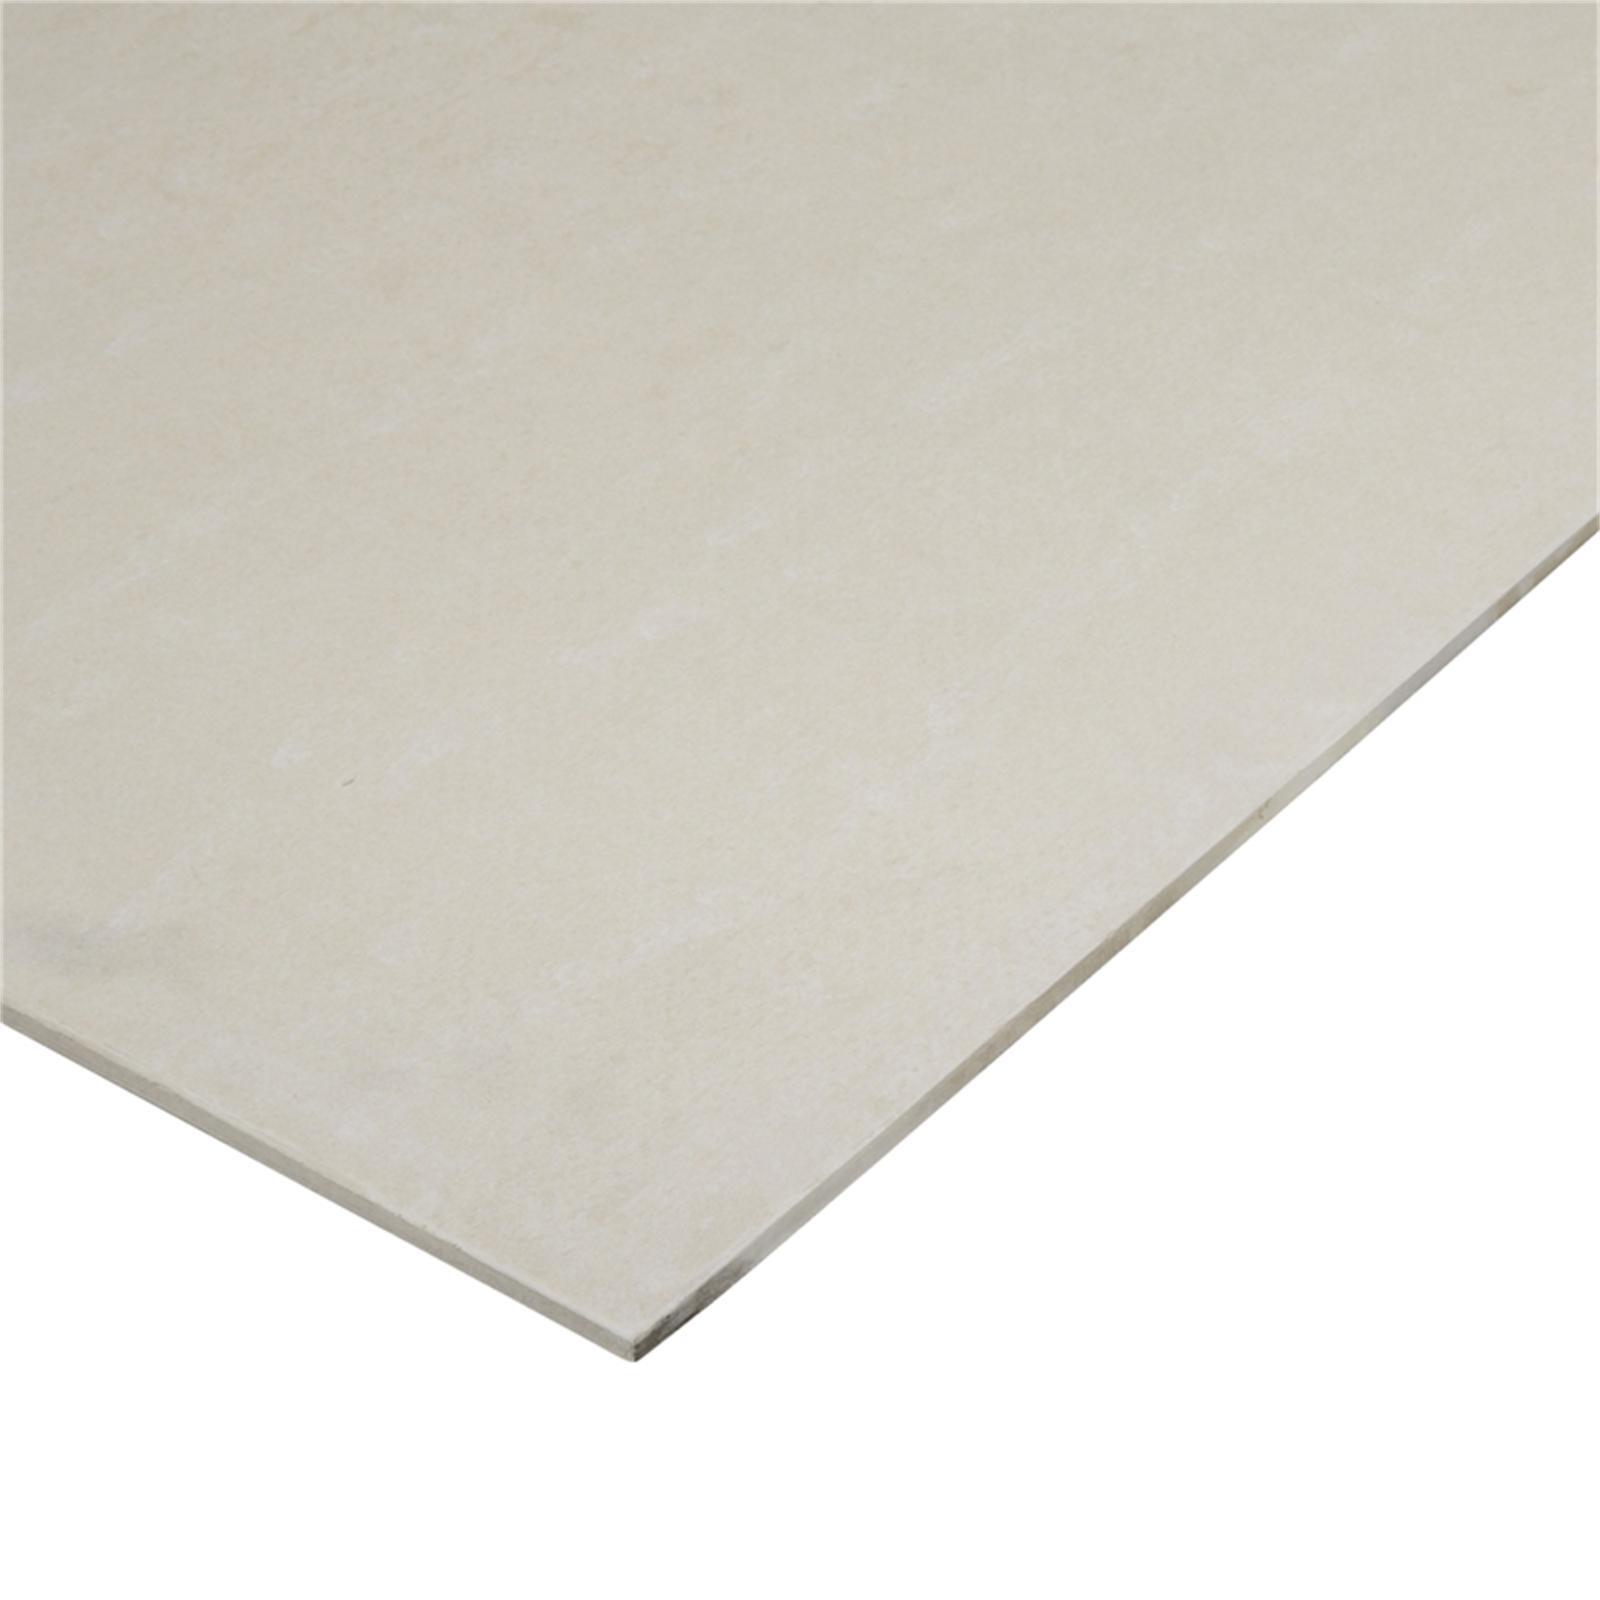 BGC Durasheet 2400x 600x4.5mm Fibre Cement Sheet